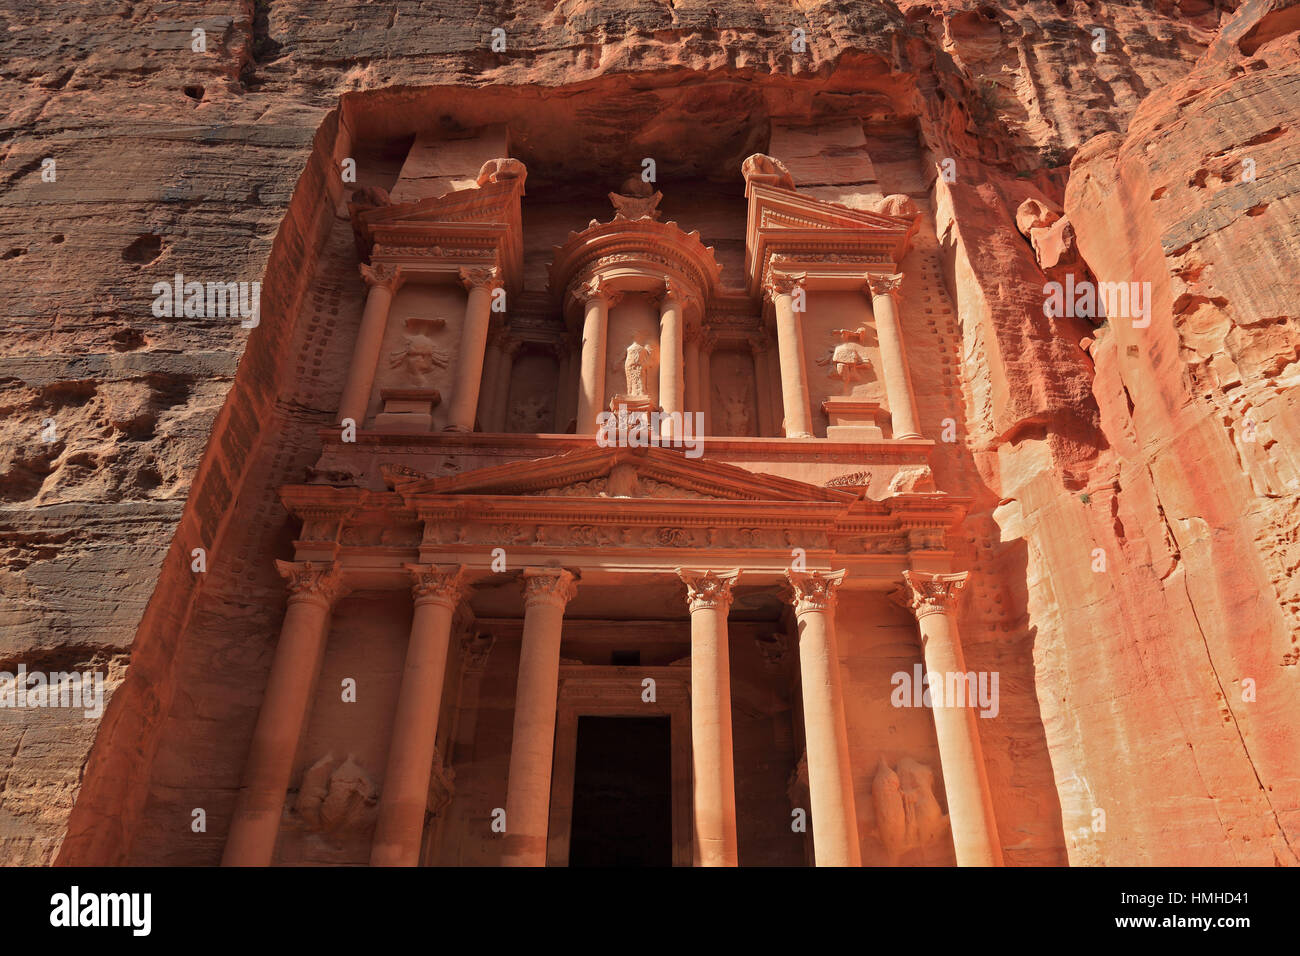 Il Khazne al-Firaun, Chaznat al-Firaun, Al-Khazneh, casa del tesoro del faraone, un mausoleo colpito dalla roccia, Immagini Stock